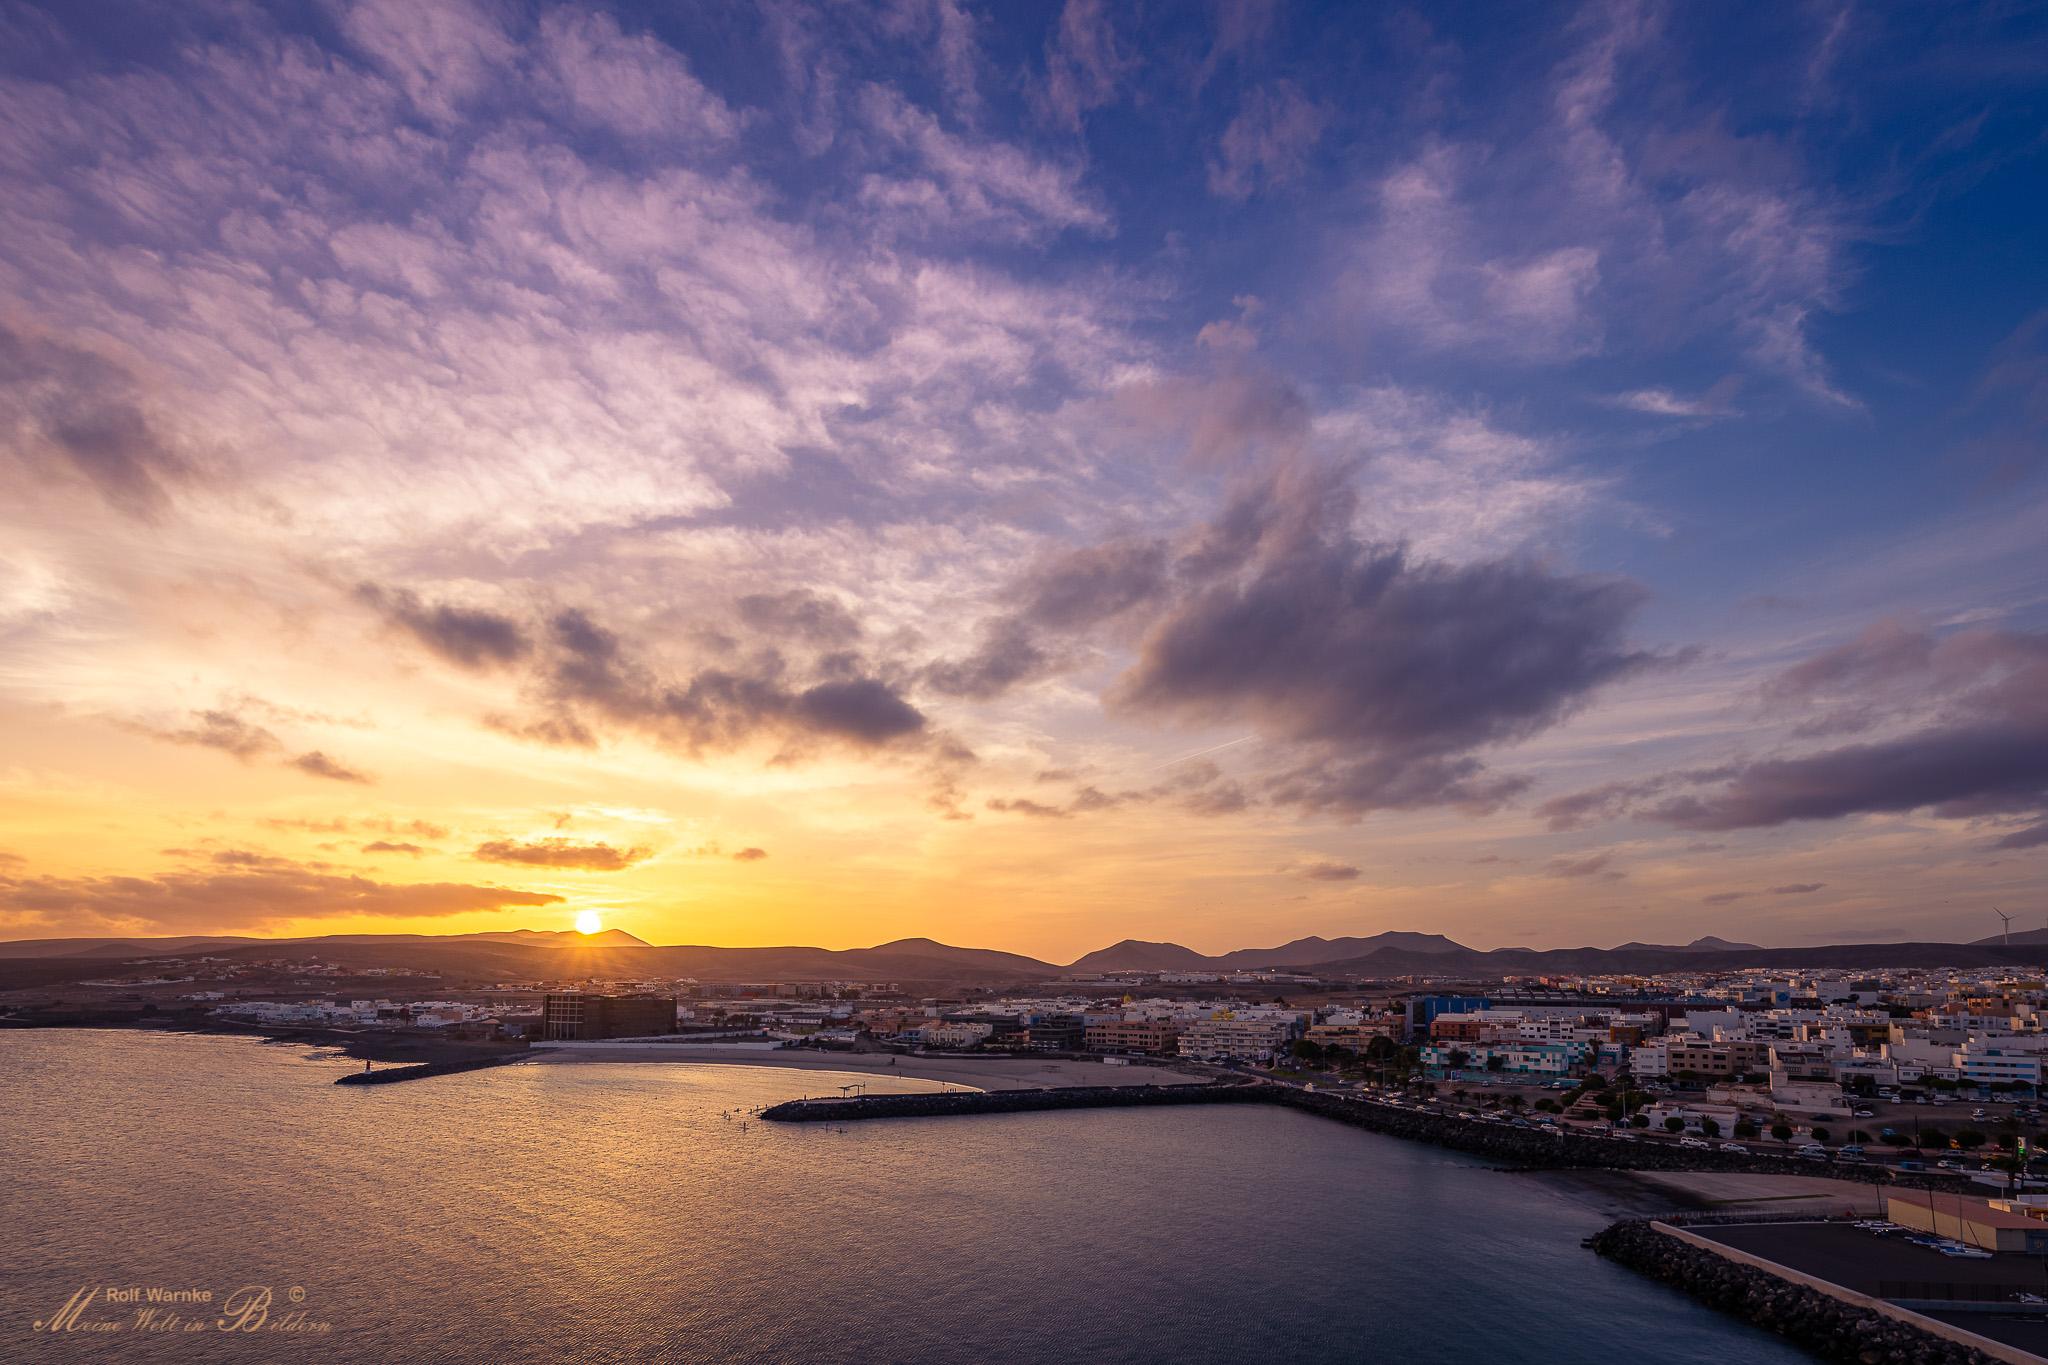 Puerto del Rosaario, Spain